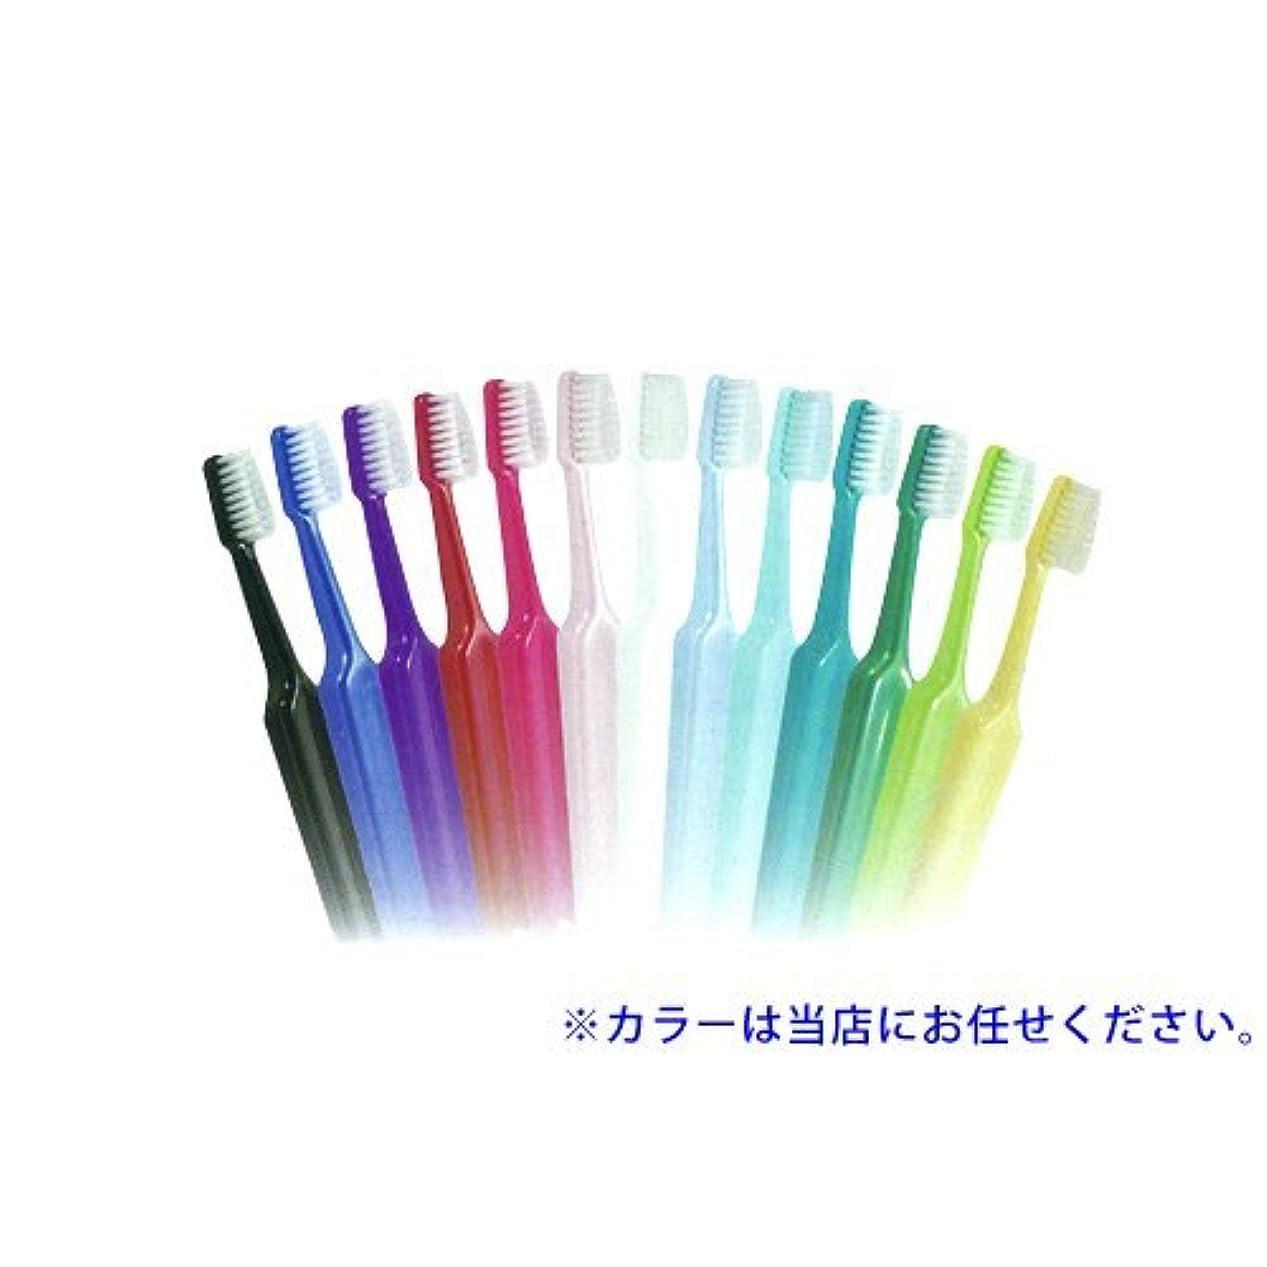 荷物膨らませる葉を集めるクロスフィールド TePe テペ セレクト 歯ブラシ 1本 エクストラソフト